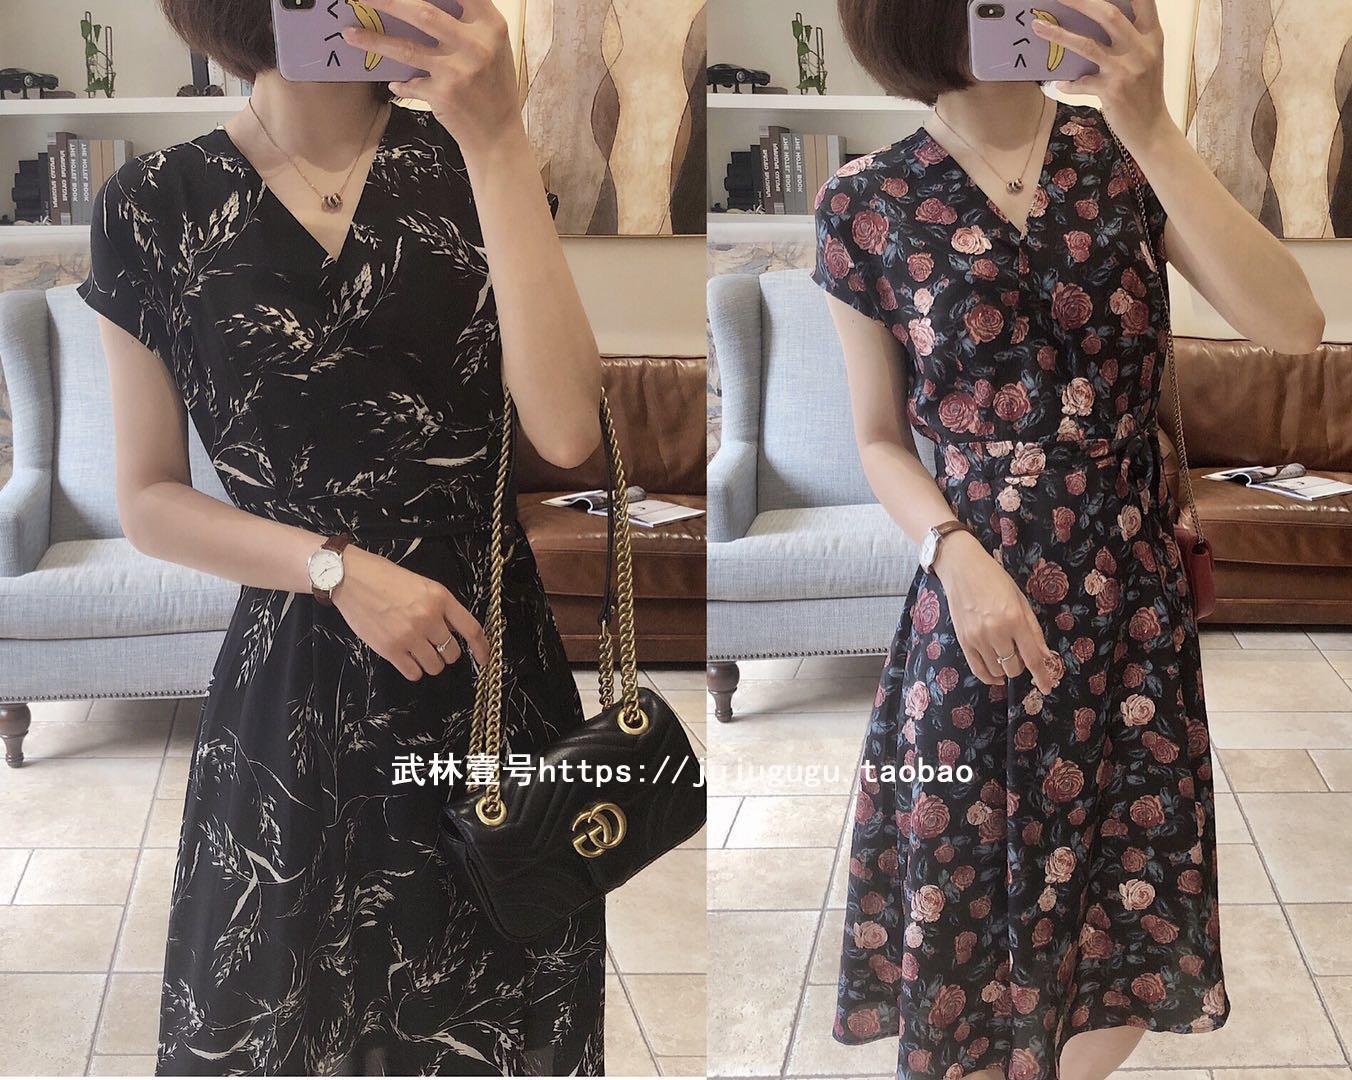 热销4件买三送一柜上2000+香港采购面料透气连衣裙